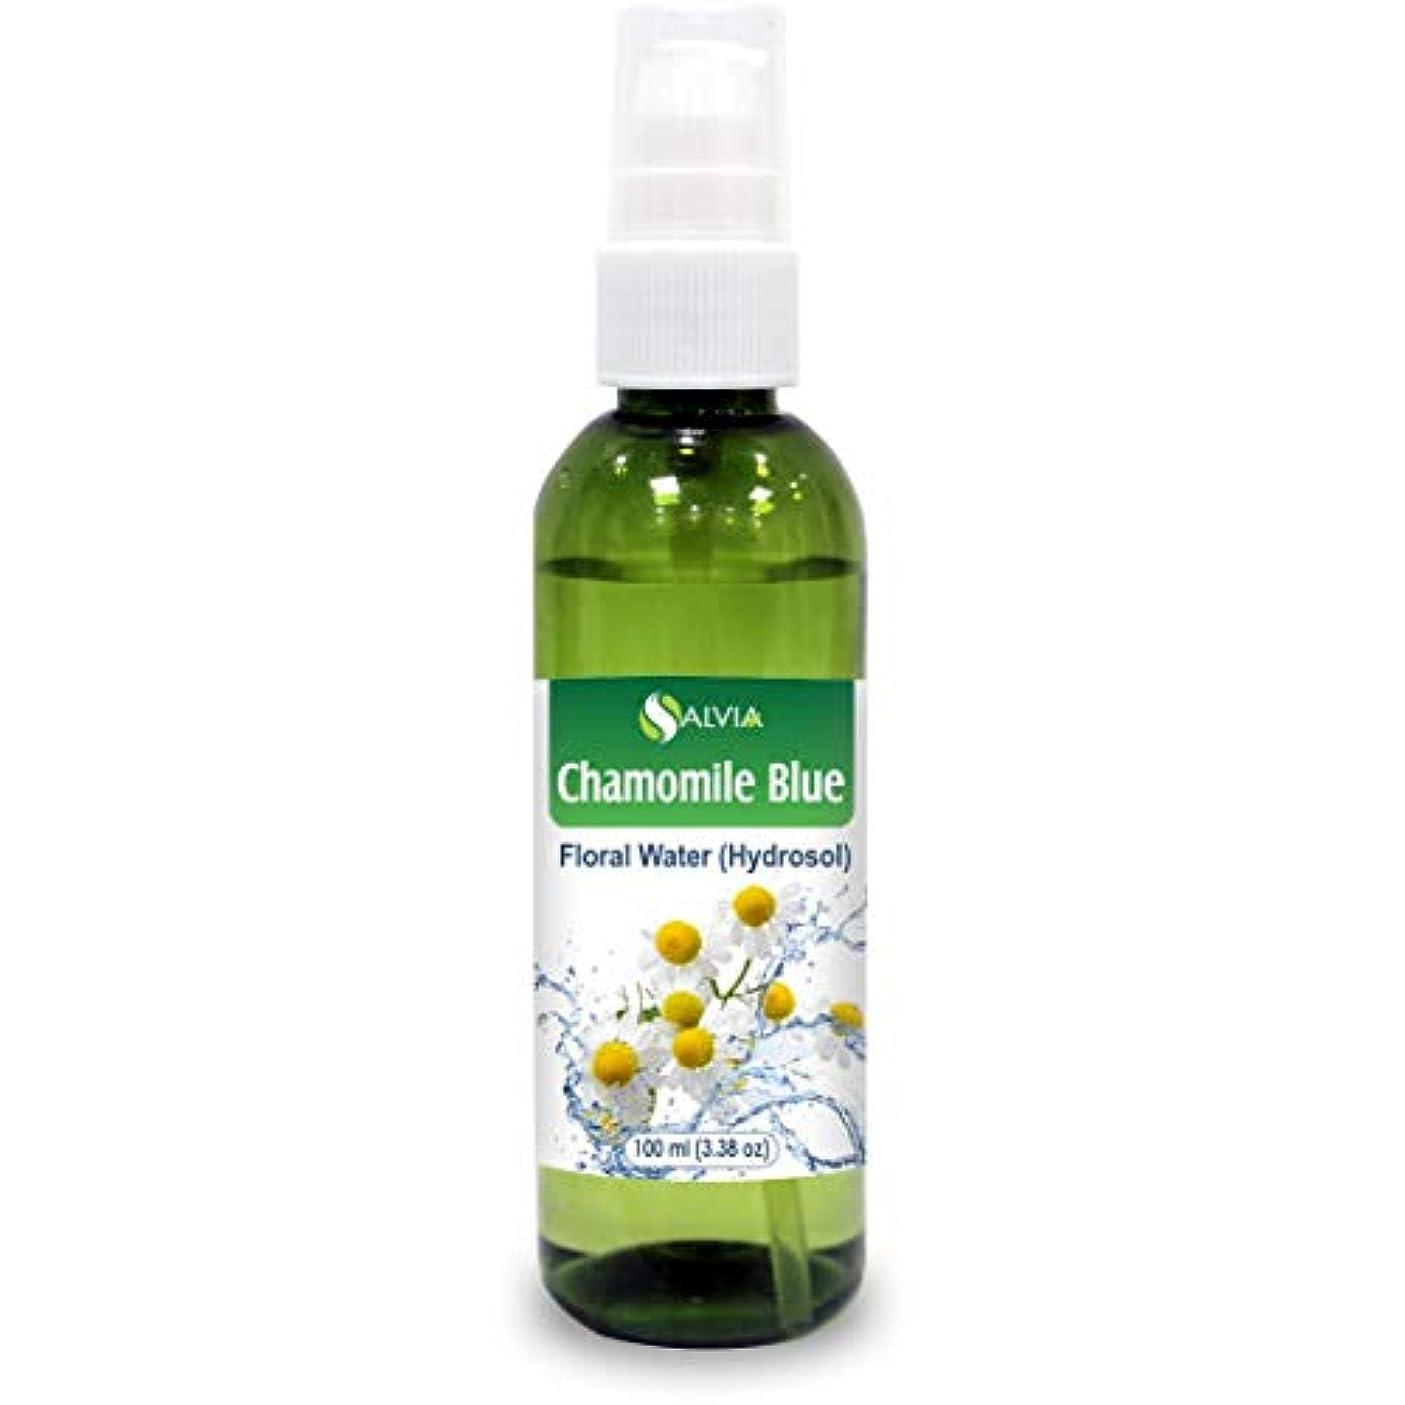 アリーナ回復する道路Chamomile Oil, Blue Floral Water 100ml (Hydrosol) 100% Pure And Natural